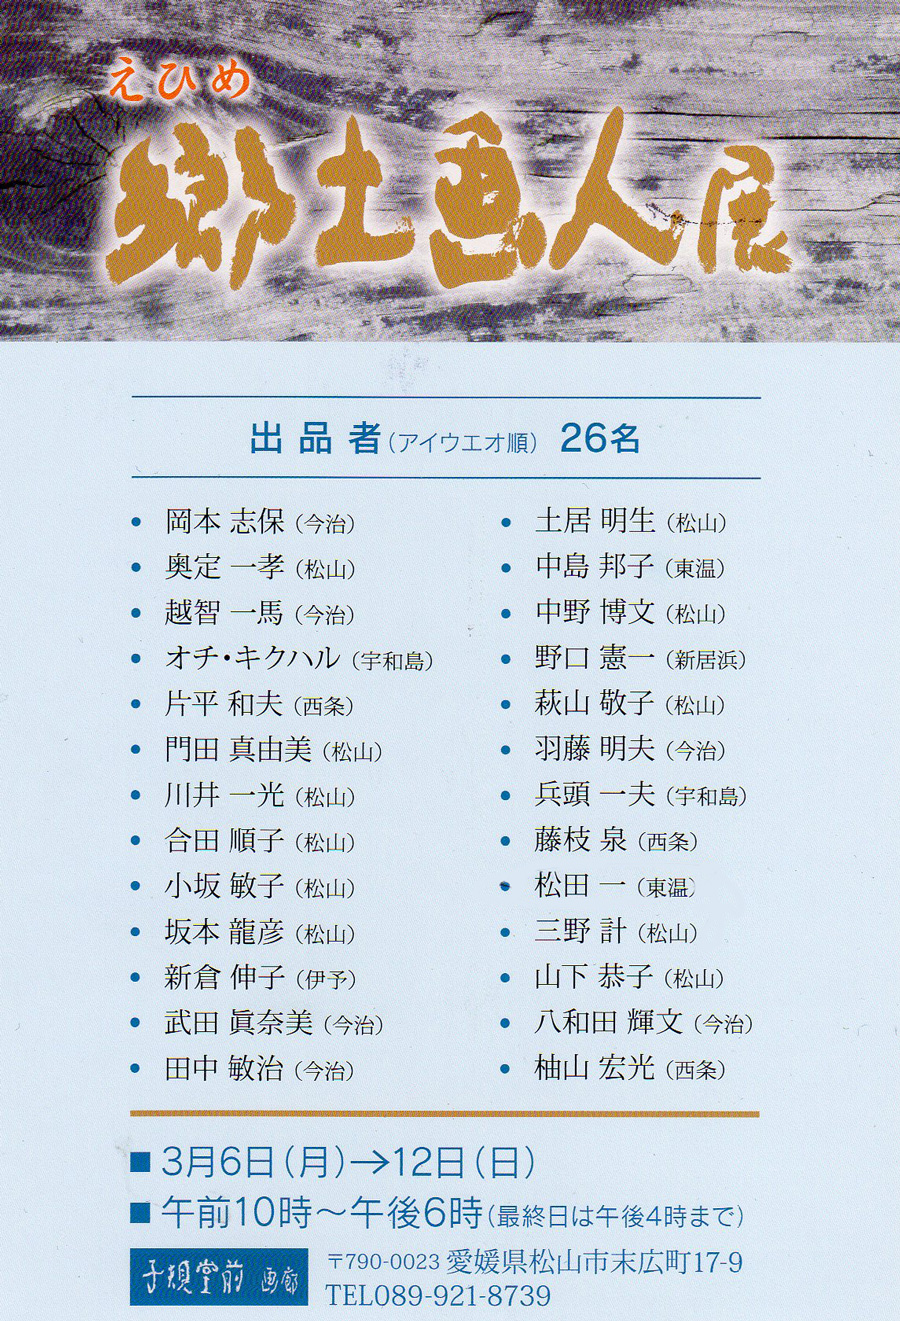 えひめ郷土画人展2017